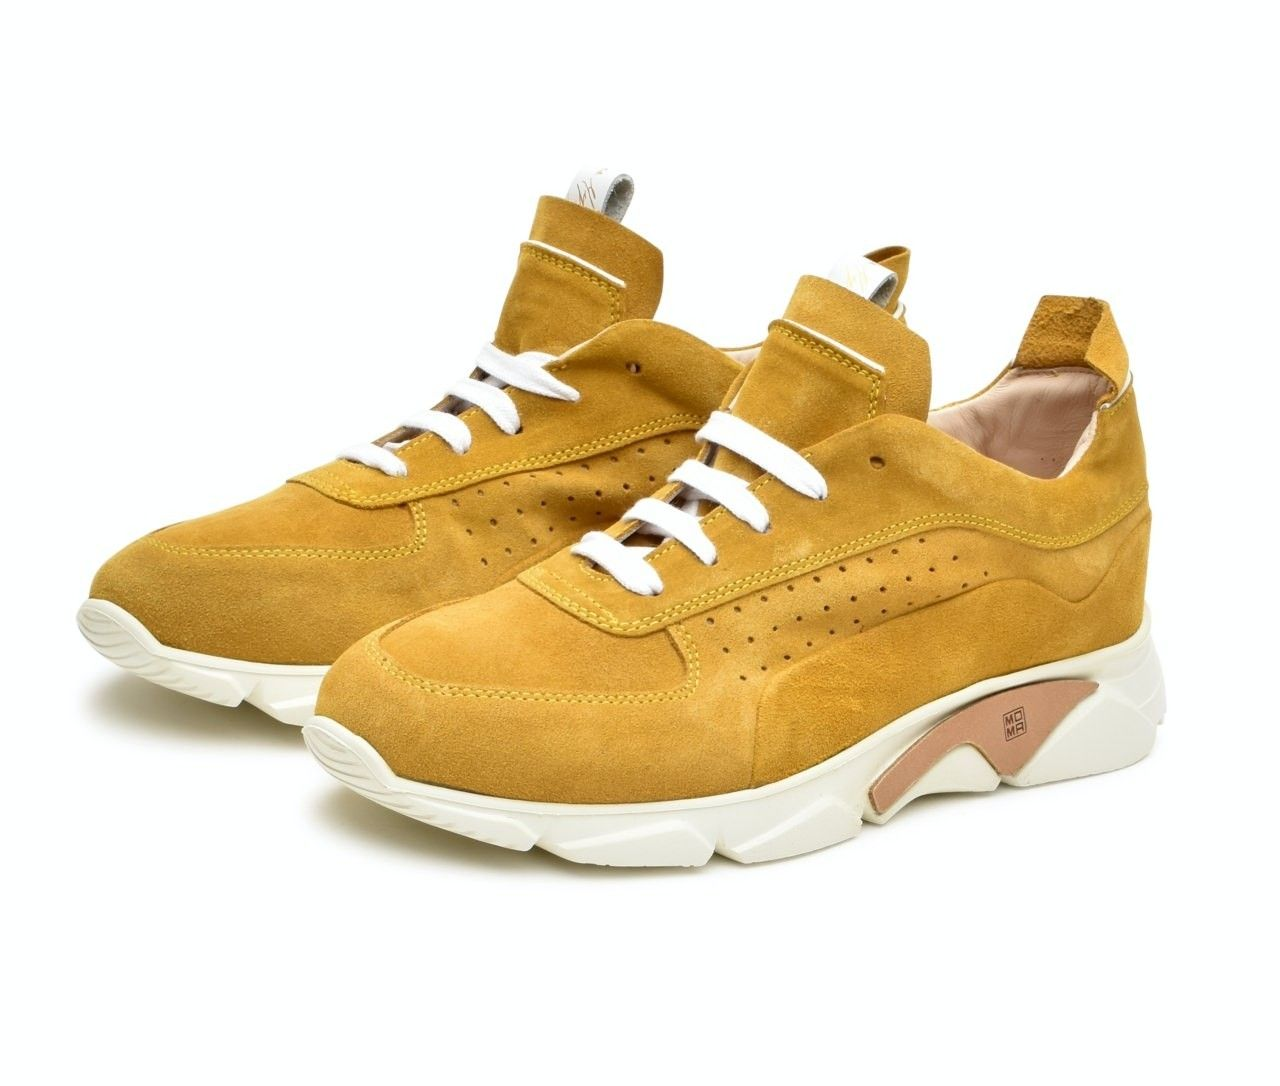 MOMA - Herren Sneaker - Allacciata Uomo Tony - Mandarino